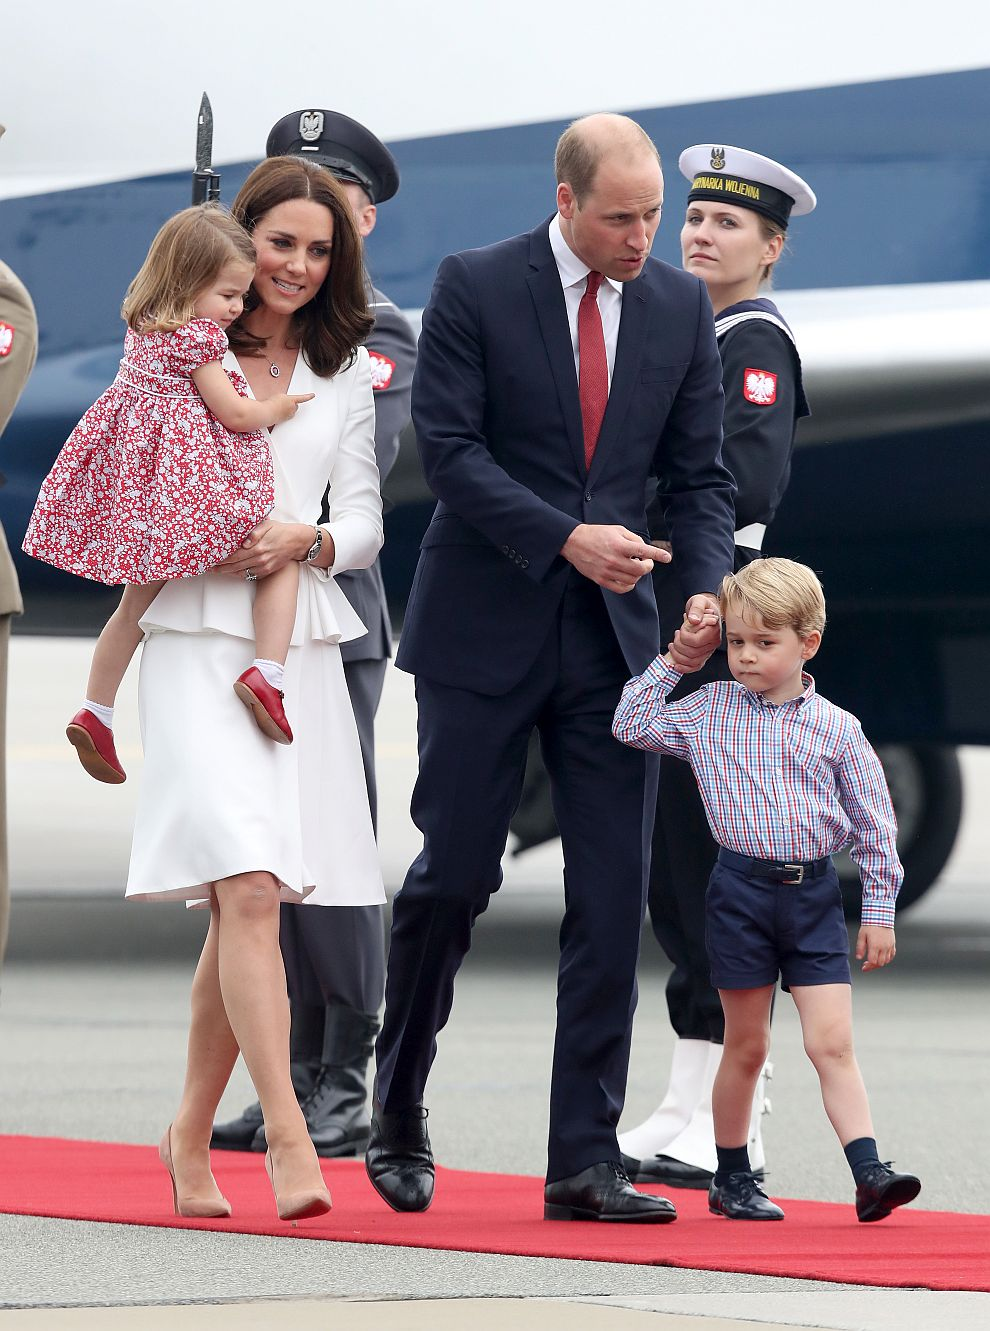 Херцогът и херцогинята на Кеймбридж във Варшава заедно със своите деца - 3-годишният принц Джордж и 2-годишната принцеса Шарлот.